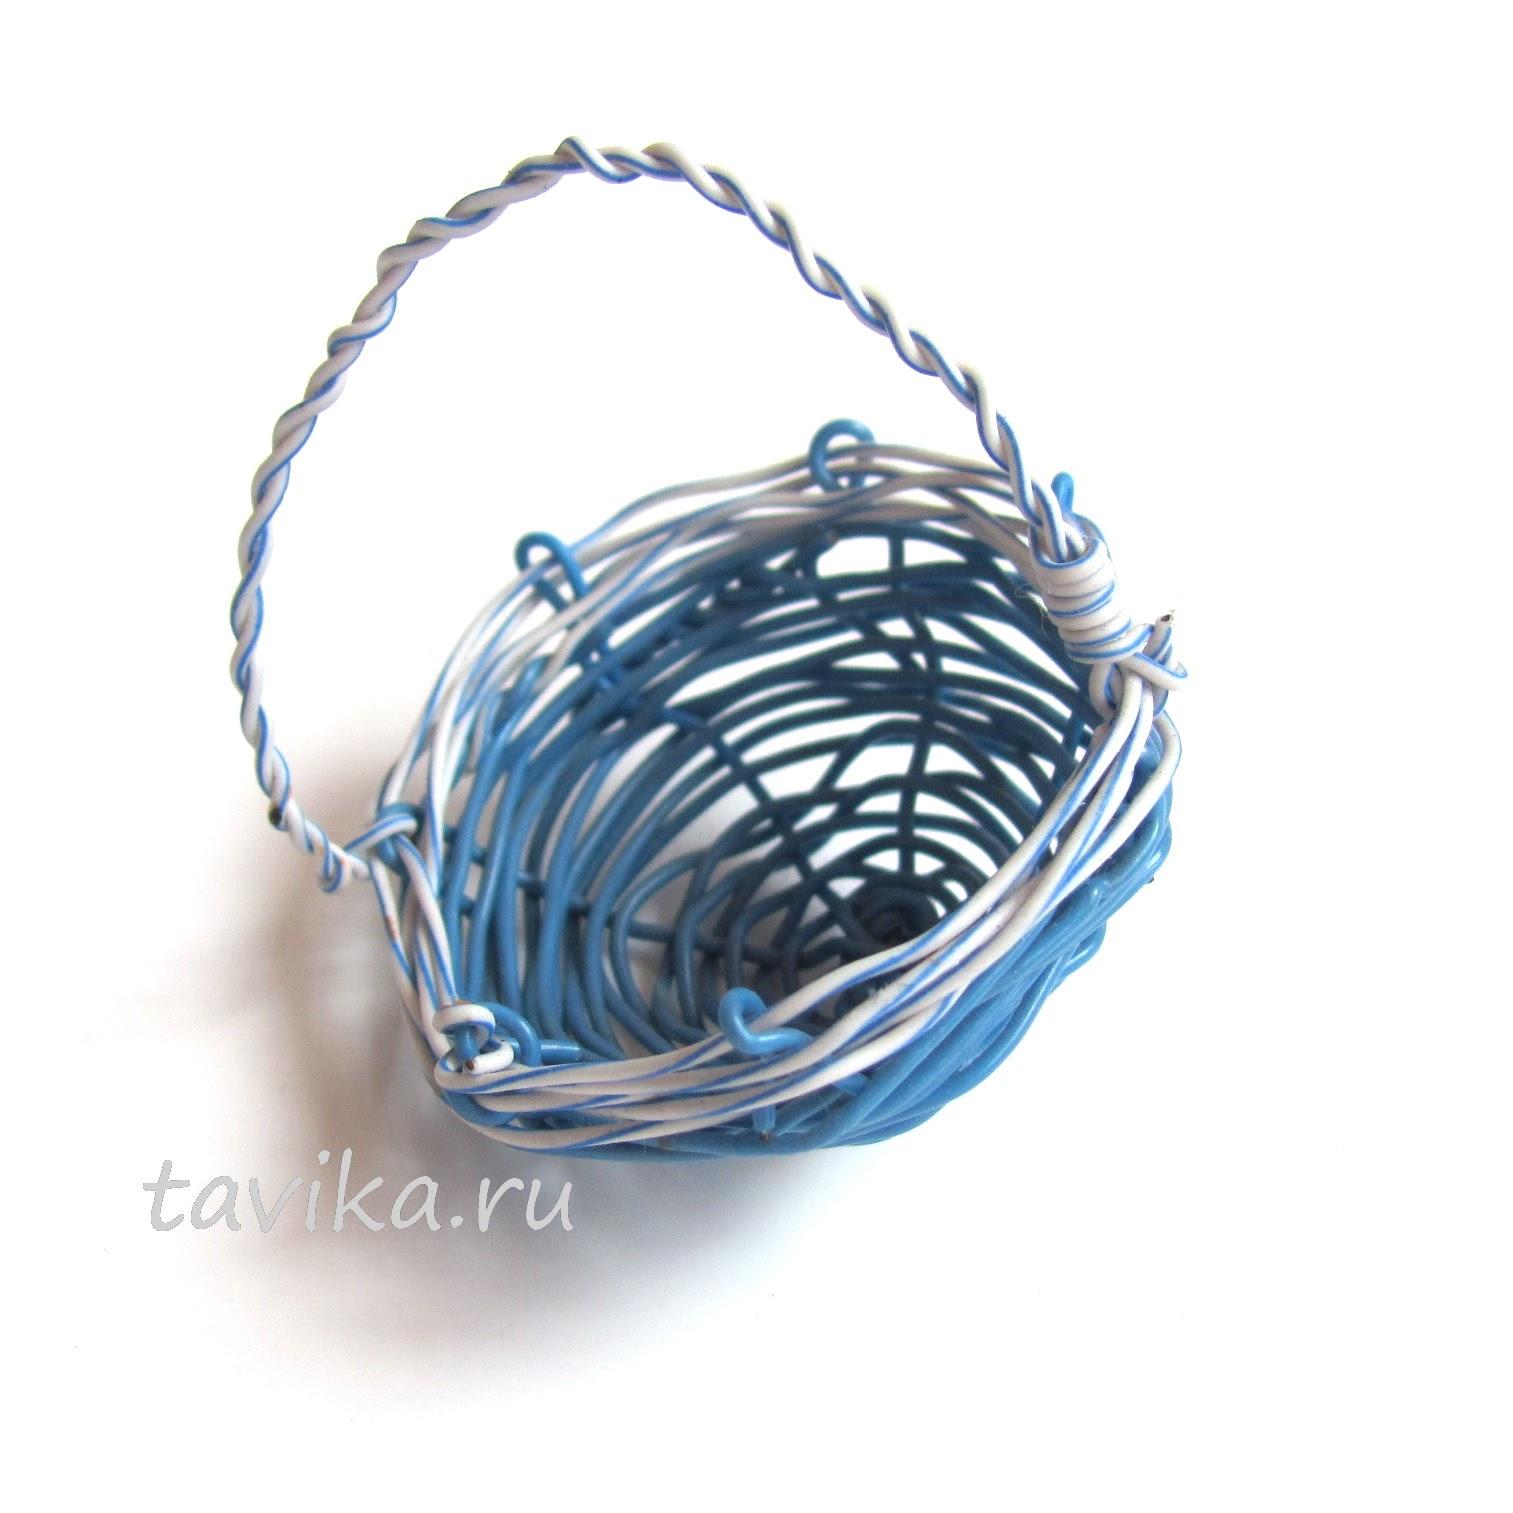 Плетение корзинок из проволоки своими руками 8